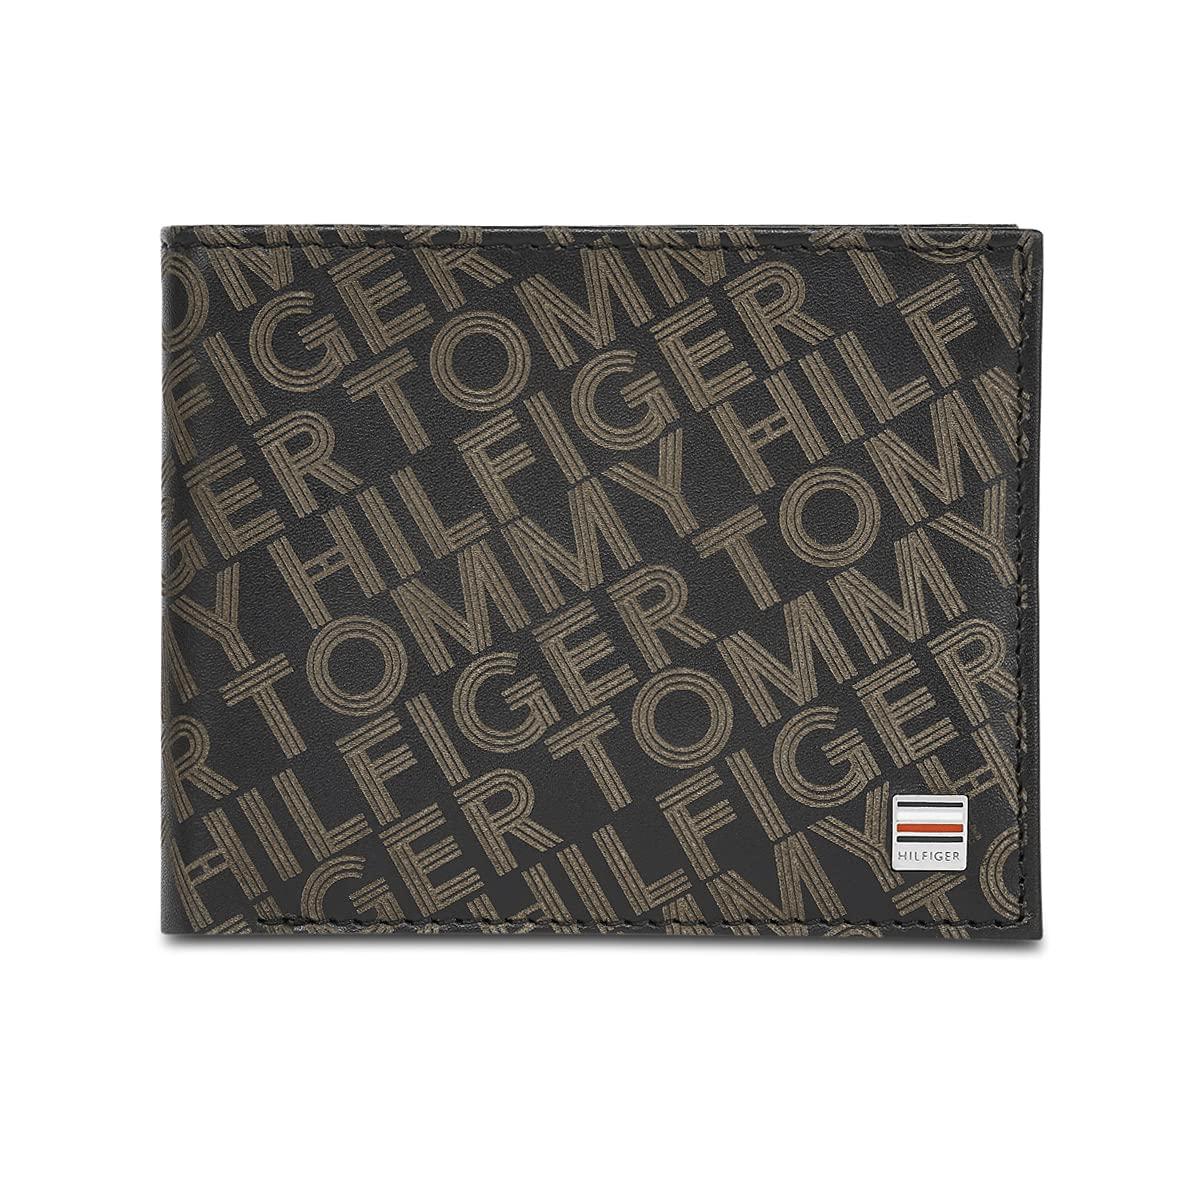 Tommy Hilfiger Black Leather Men's Wallet  8903496153491  Wallets